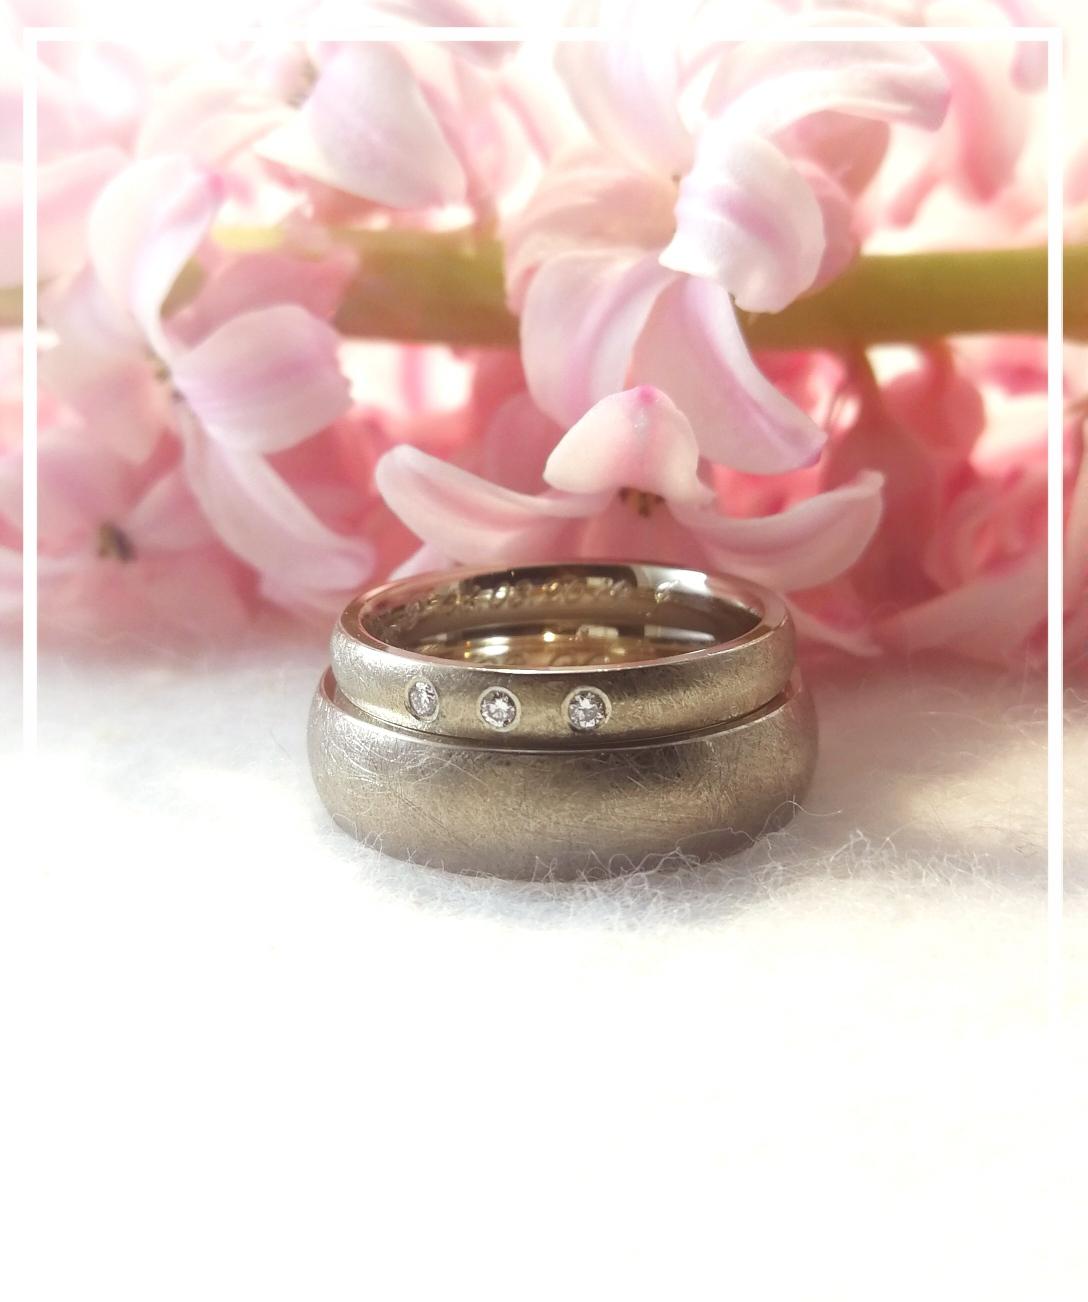 Mit diesen Ringen aus 585/000 Weißgold wird ein neuer Lebensabschnitt begonnen und verbindet die Träger jeden neuen Tag.